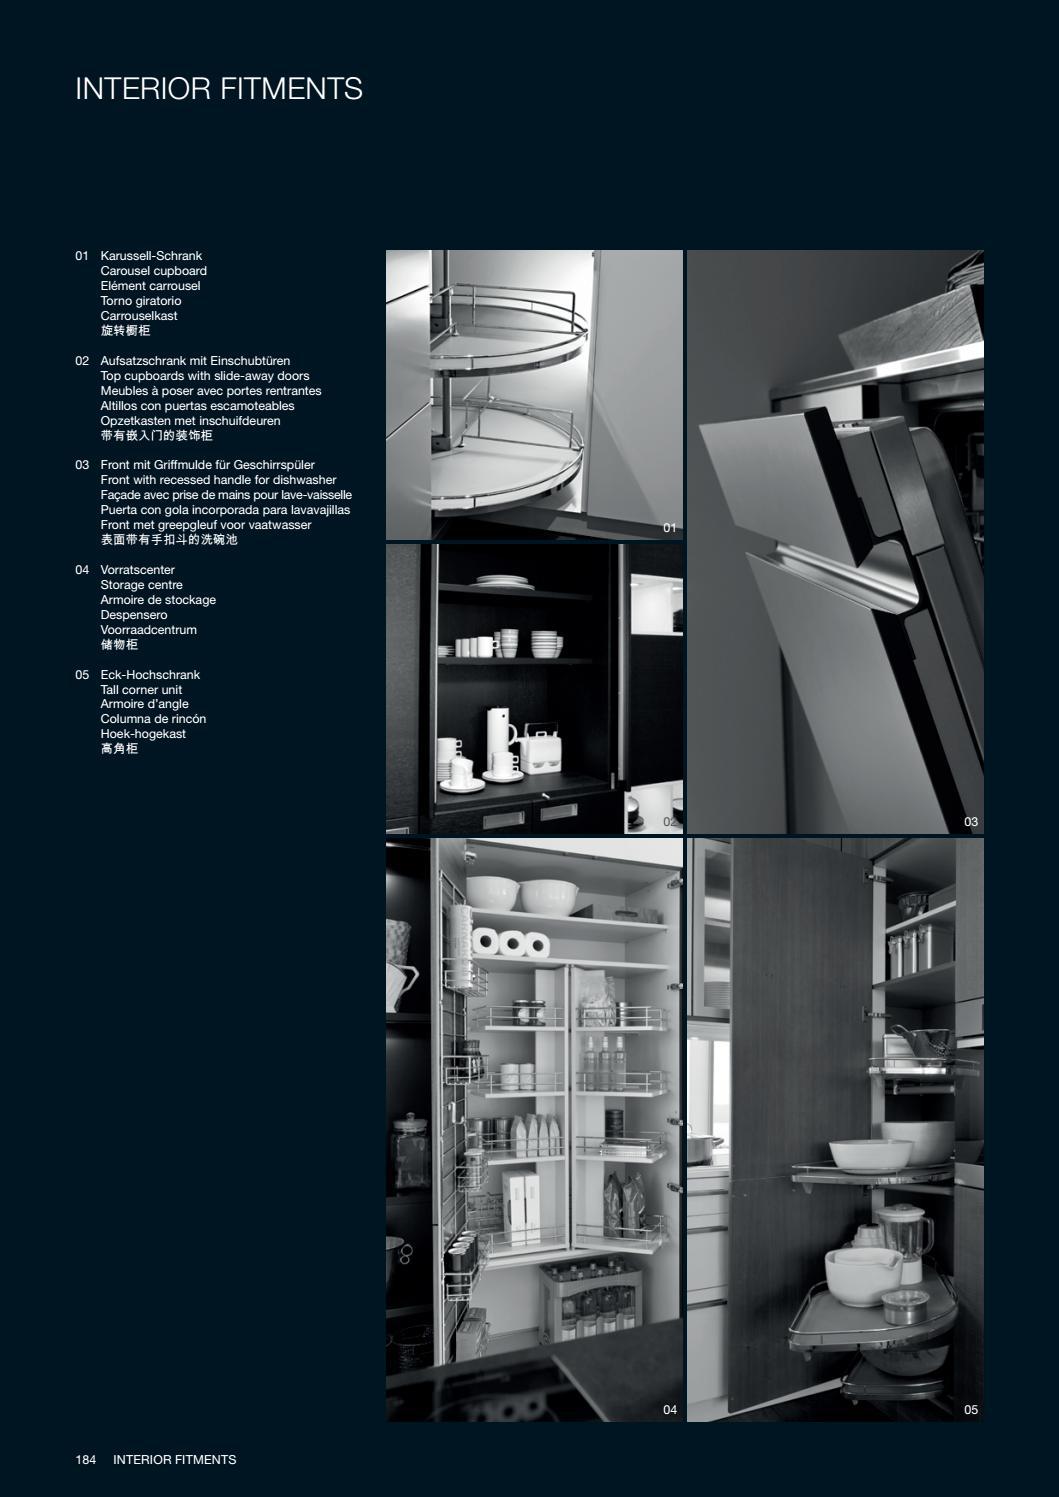 Divine Design Center Leicht Modern Kitchens 17 Catalog By